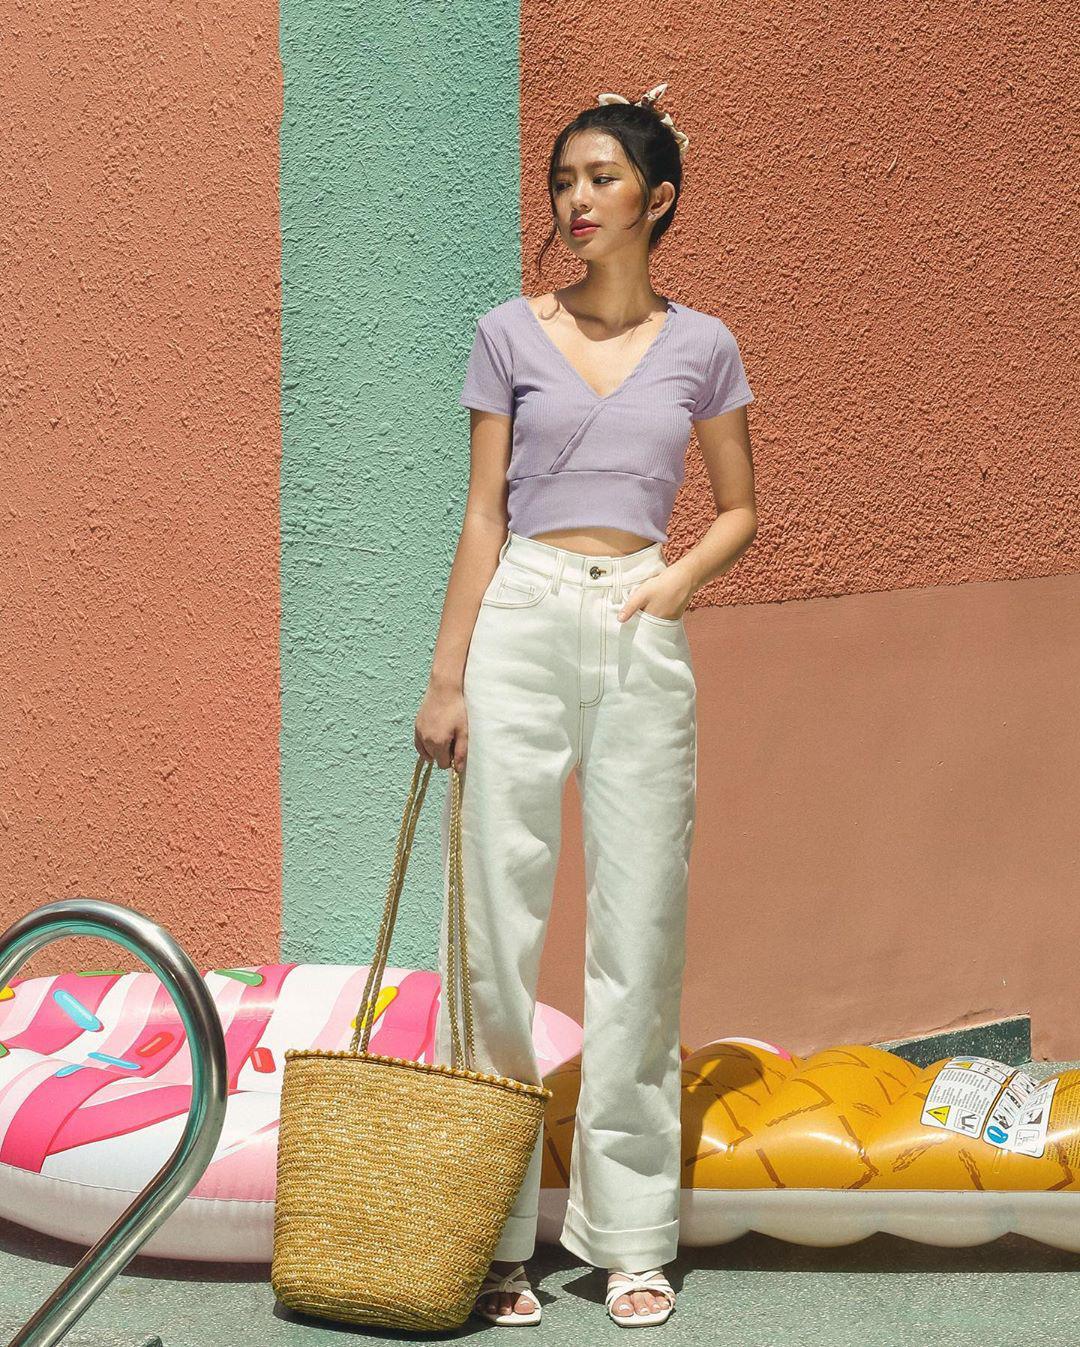 """4 chiêu mặc đẹp với quần jeans trắng bạn nhất định phải """"găm"""" nếu muốn cải tổ style bình bình - Ảnh 7."""